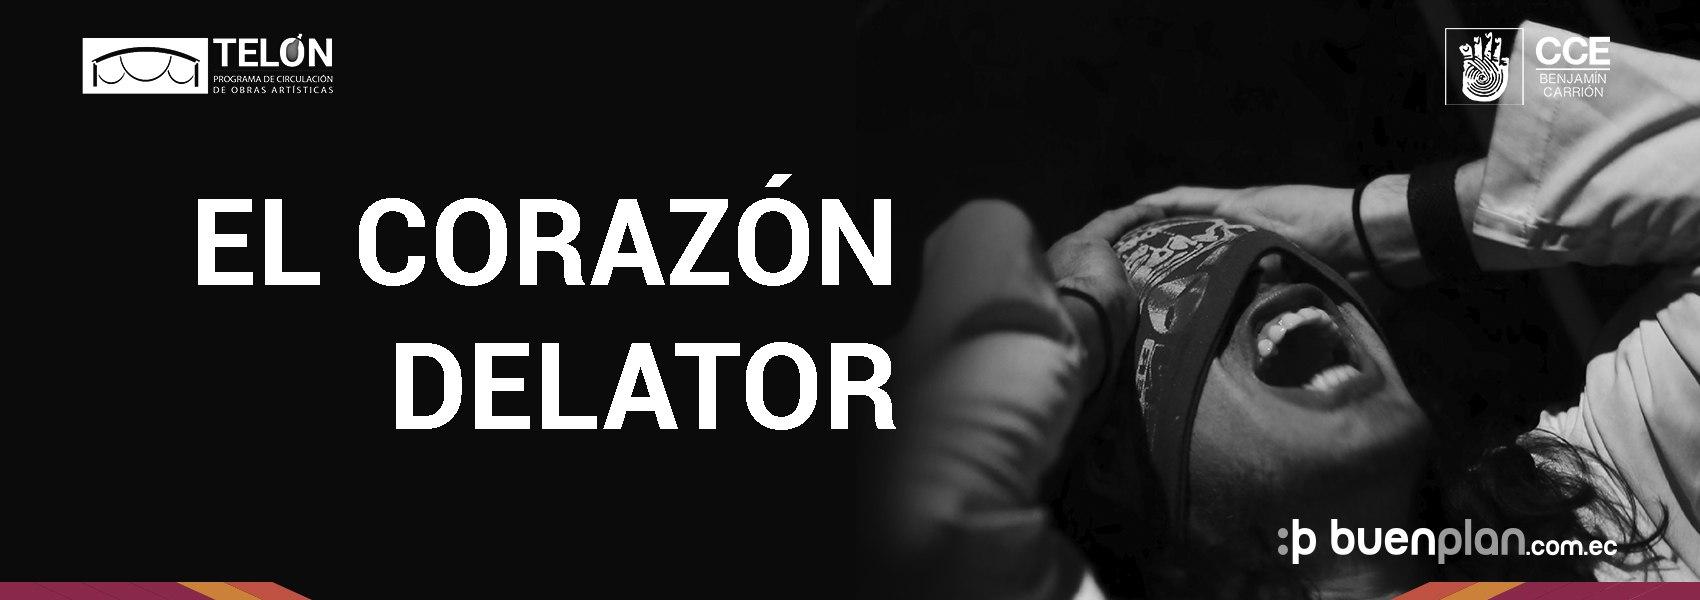 El Corazón Delator - 26 de Abril en Quito, BuenPlan